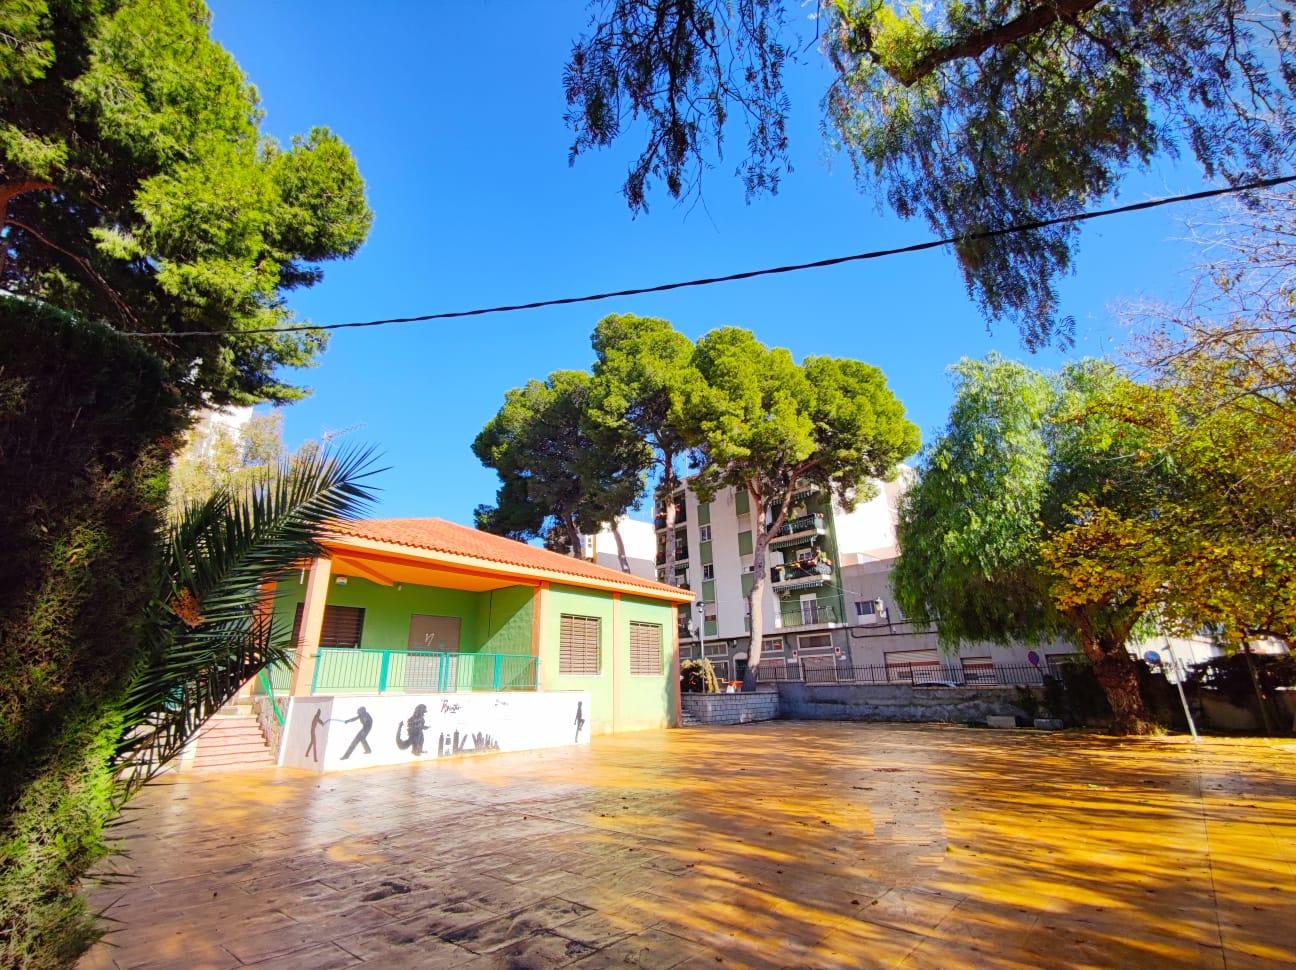 El Ayuntamiento de Elda finaliza las obras de remodelación de la zona exterior del Centro Social Estación 4 Zonas